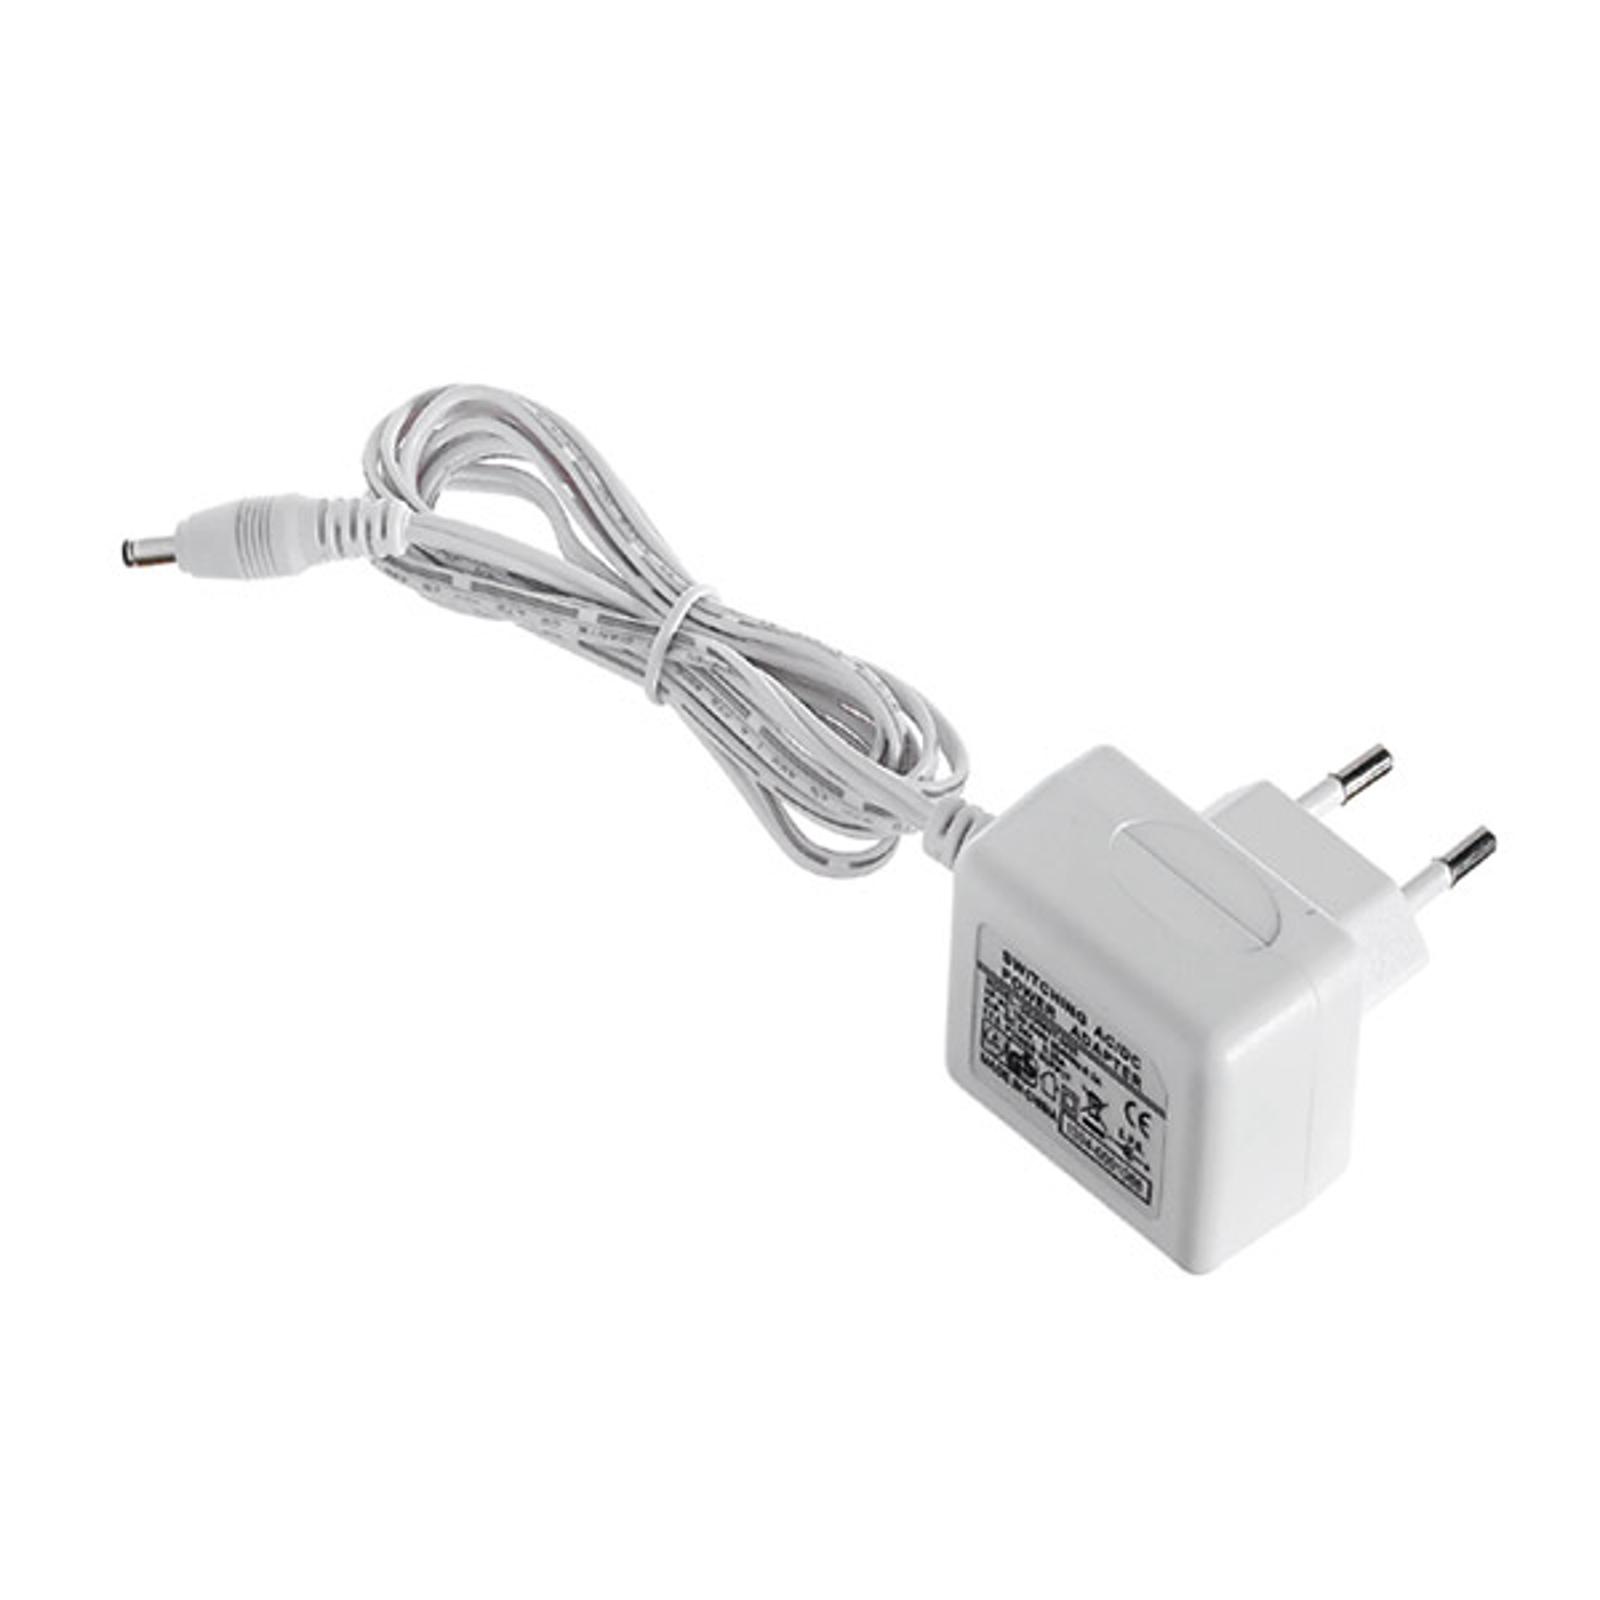 LED vodič 6W, 24V pre Fabas Luce Galway 6690_3502415_1